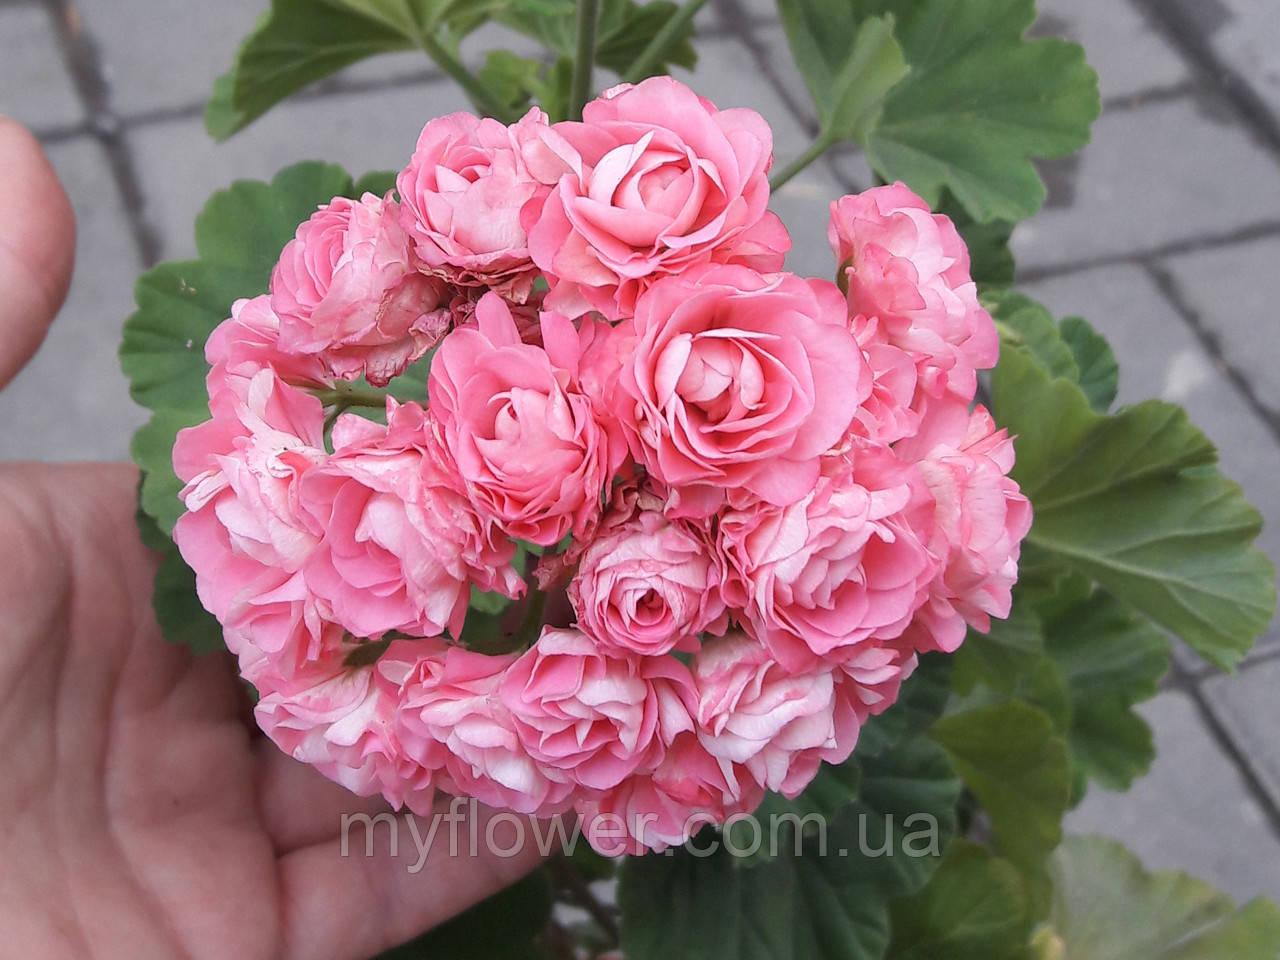 Розебудная пеларгония Swanland Pink - Australien Pink Rosebud